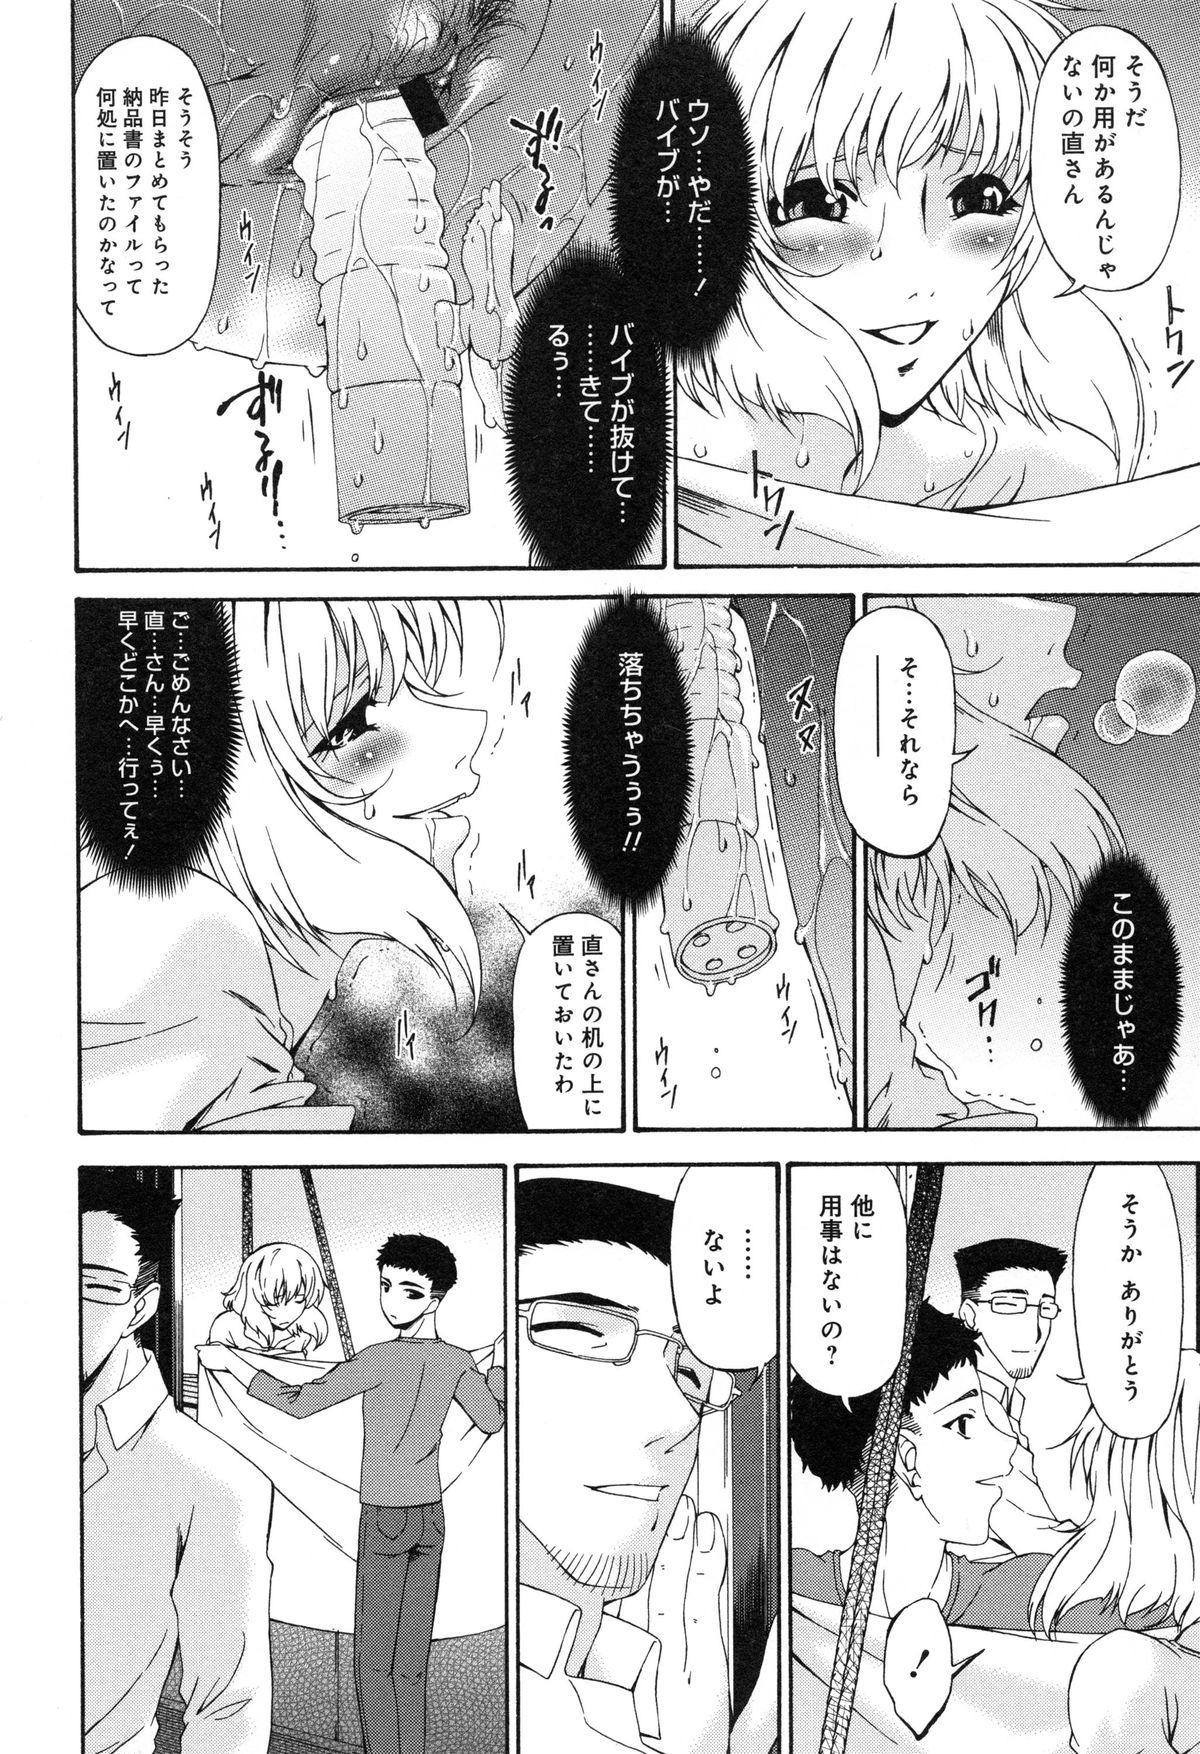 Shinshoku no Toki 58